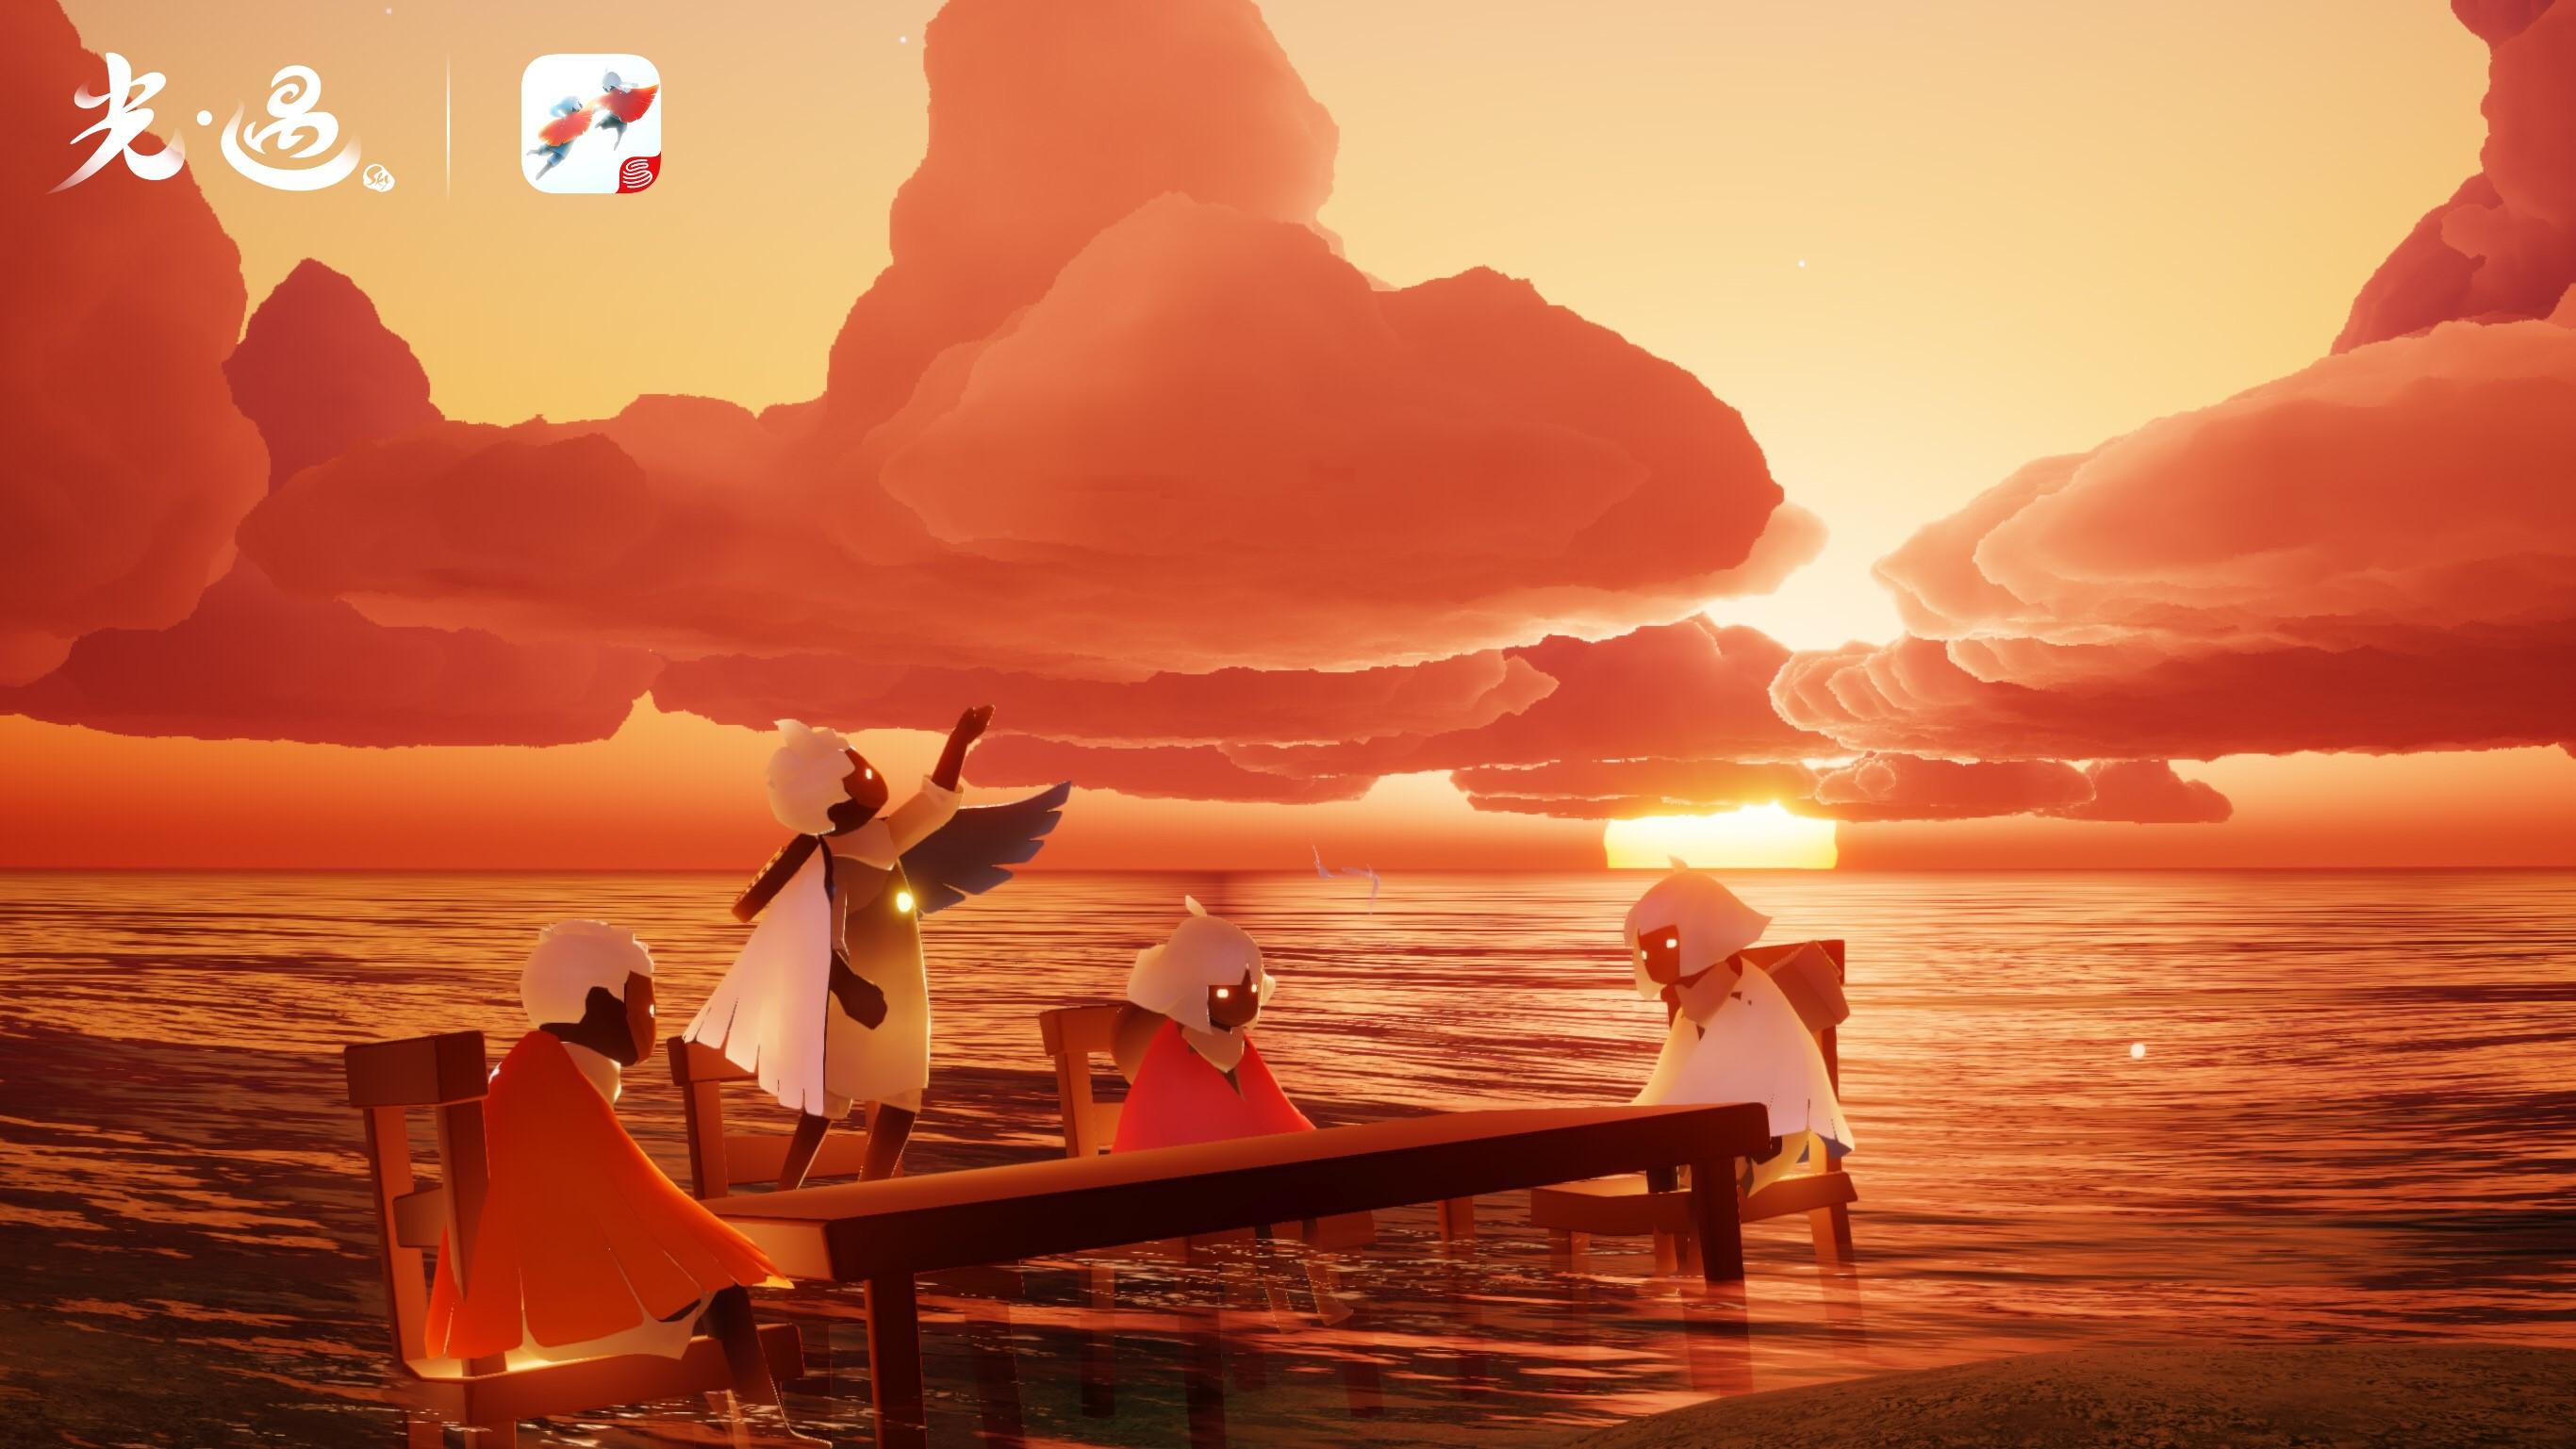 《光·遇》荣膺 App Store 年度 iPhone 游戏,一次属于每位旅人的光之奇遇